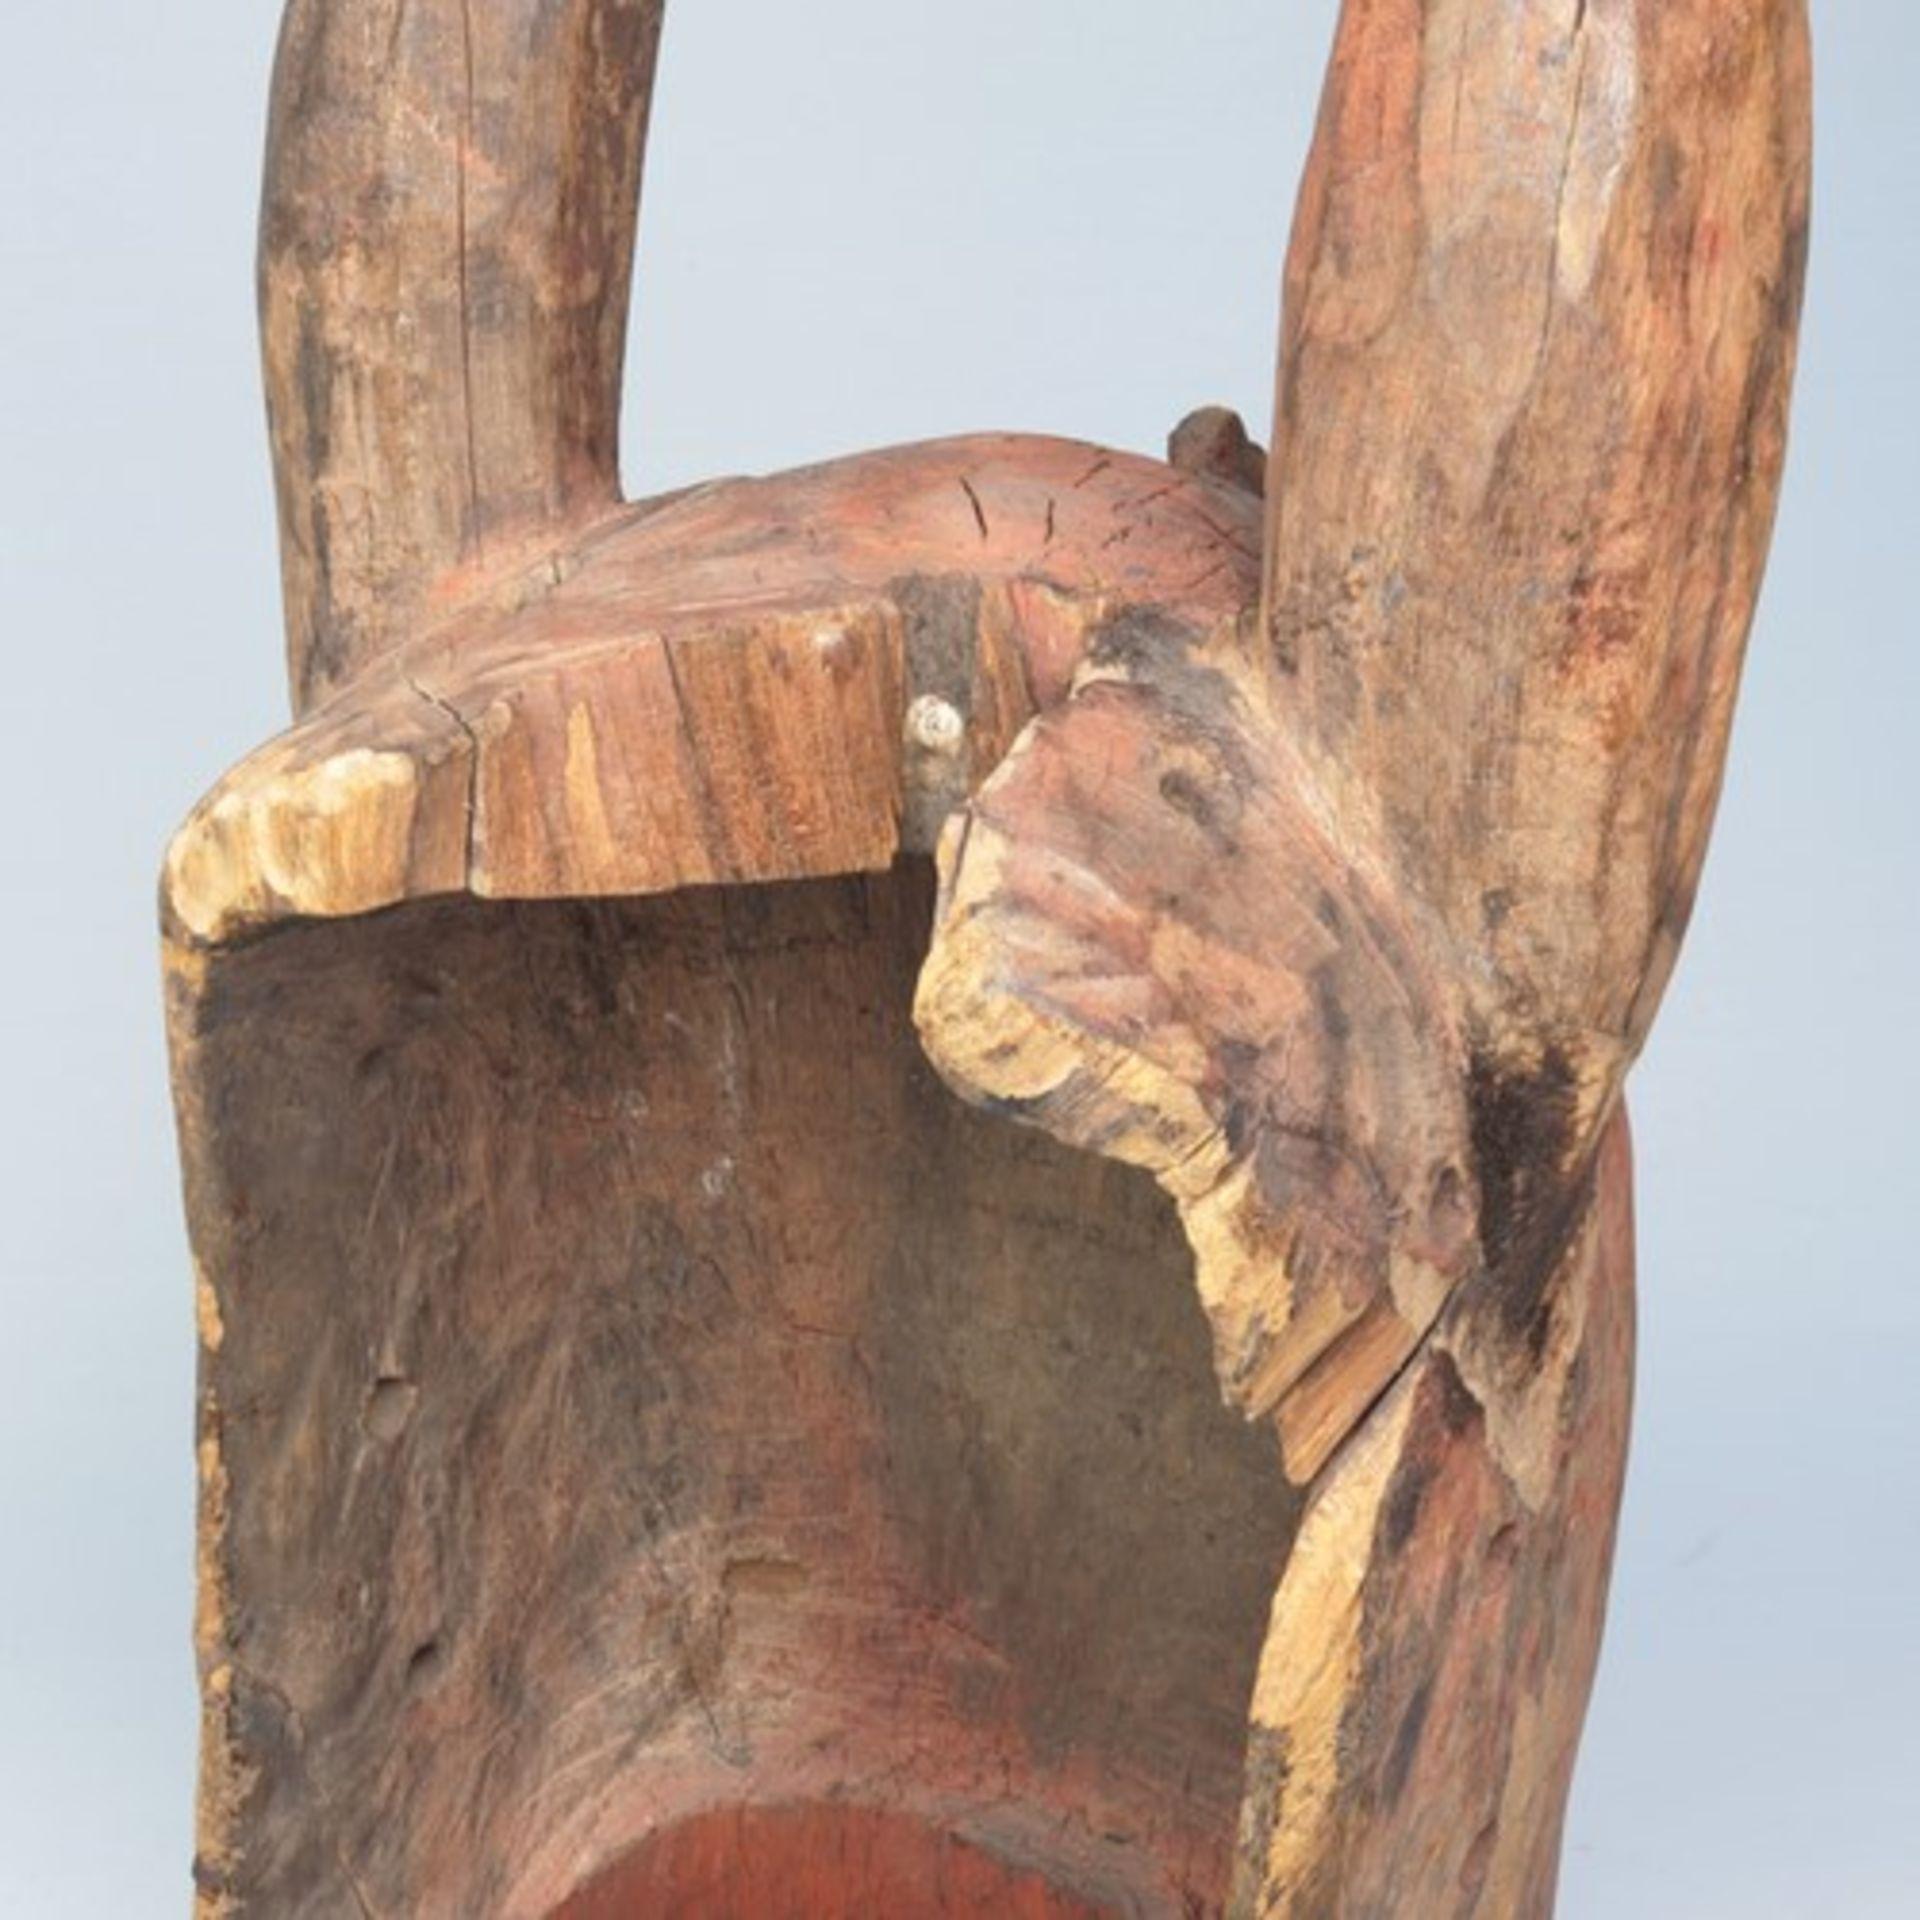 Los 1860 - Maskevollplastische Holzschnitzerei, konischer Unterbau/Hals, seitl. eingeschnitten, vereinfachtes